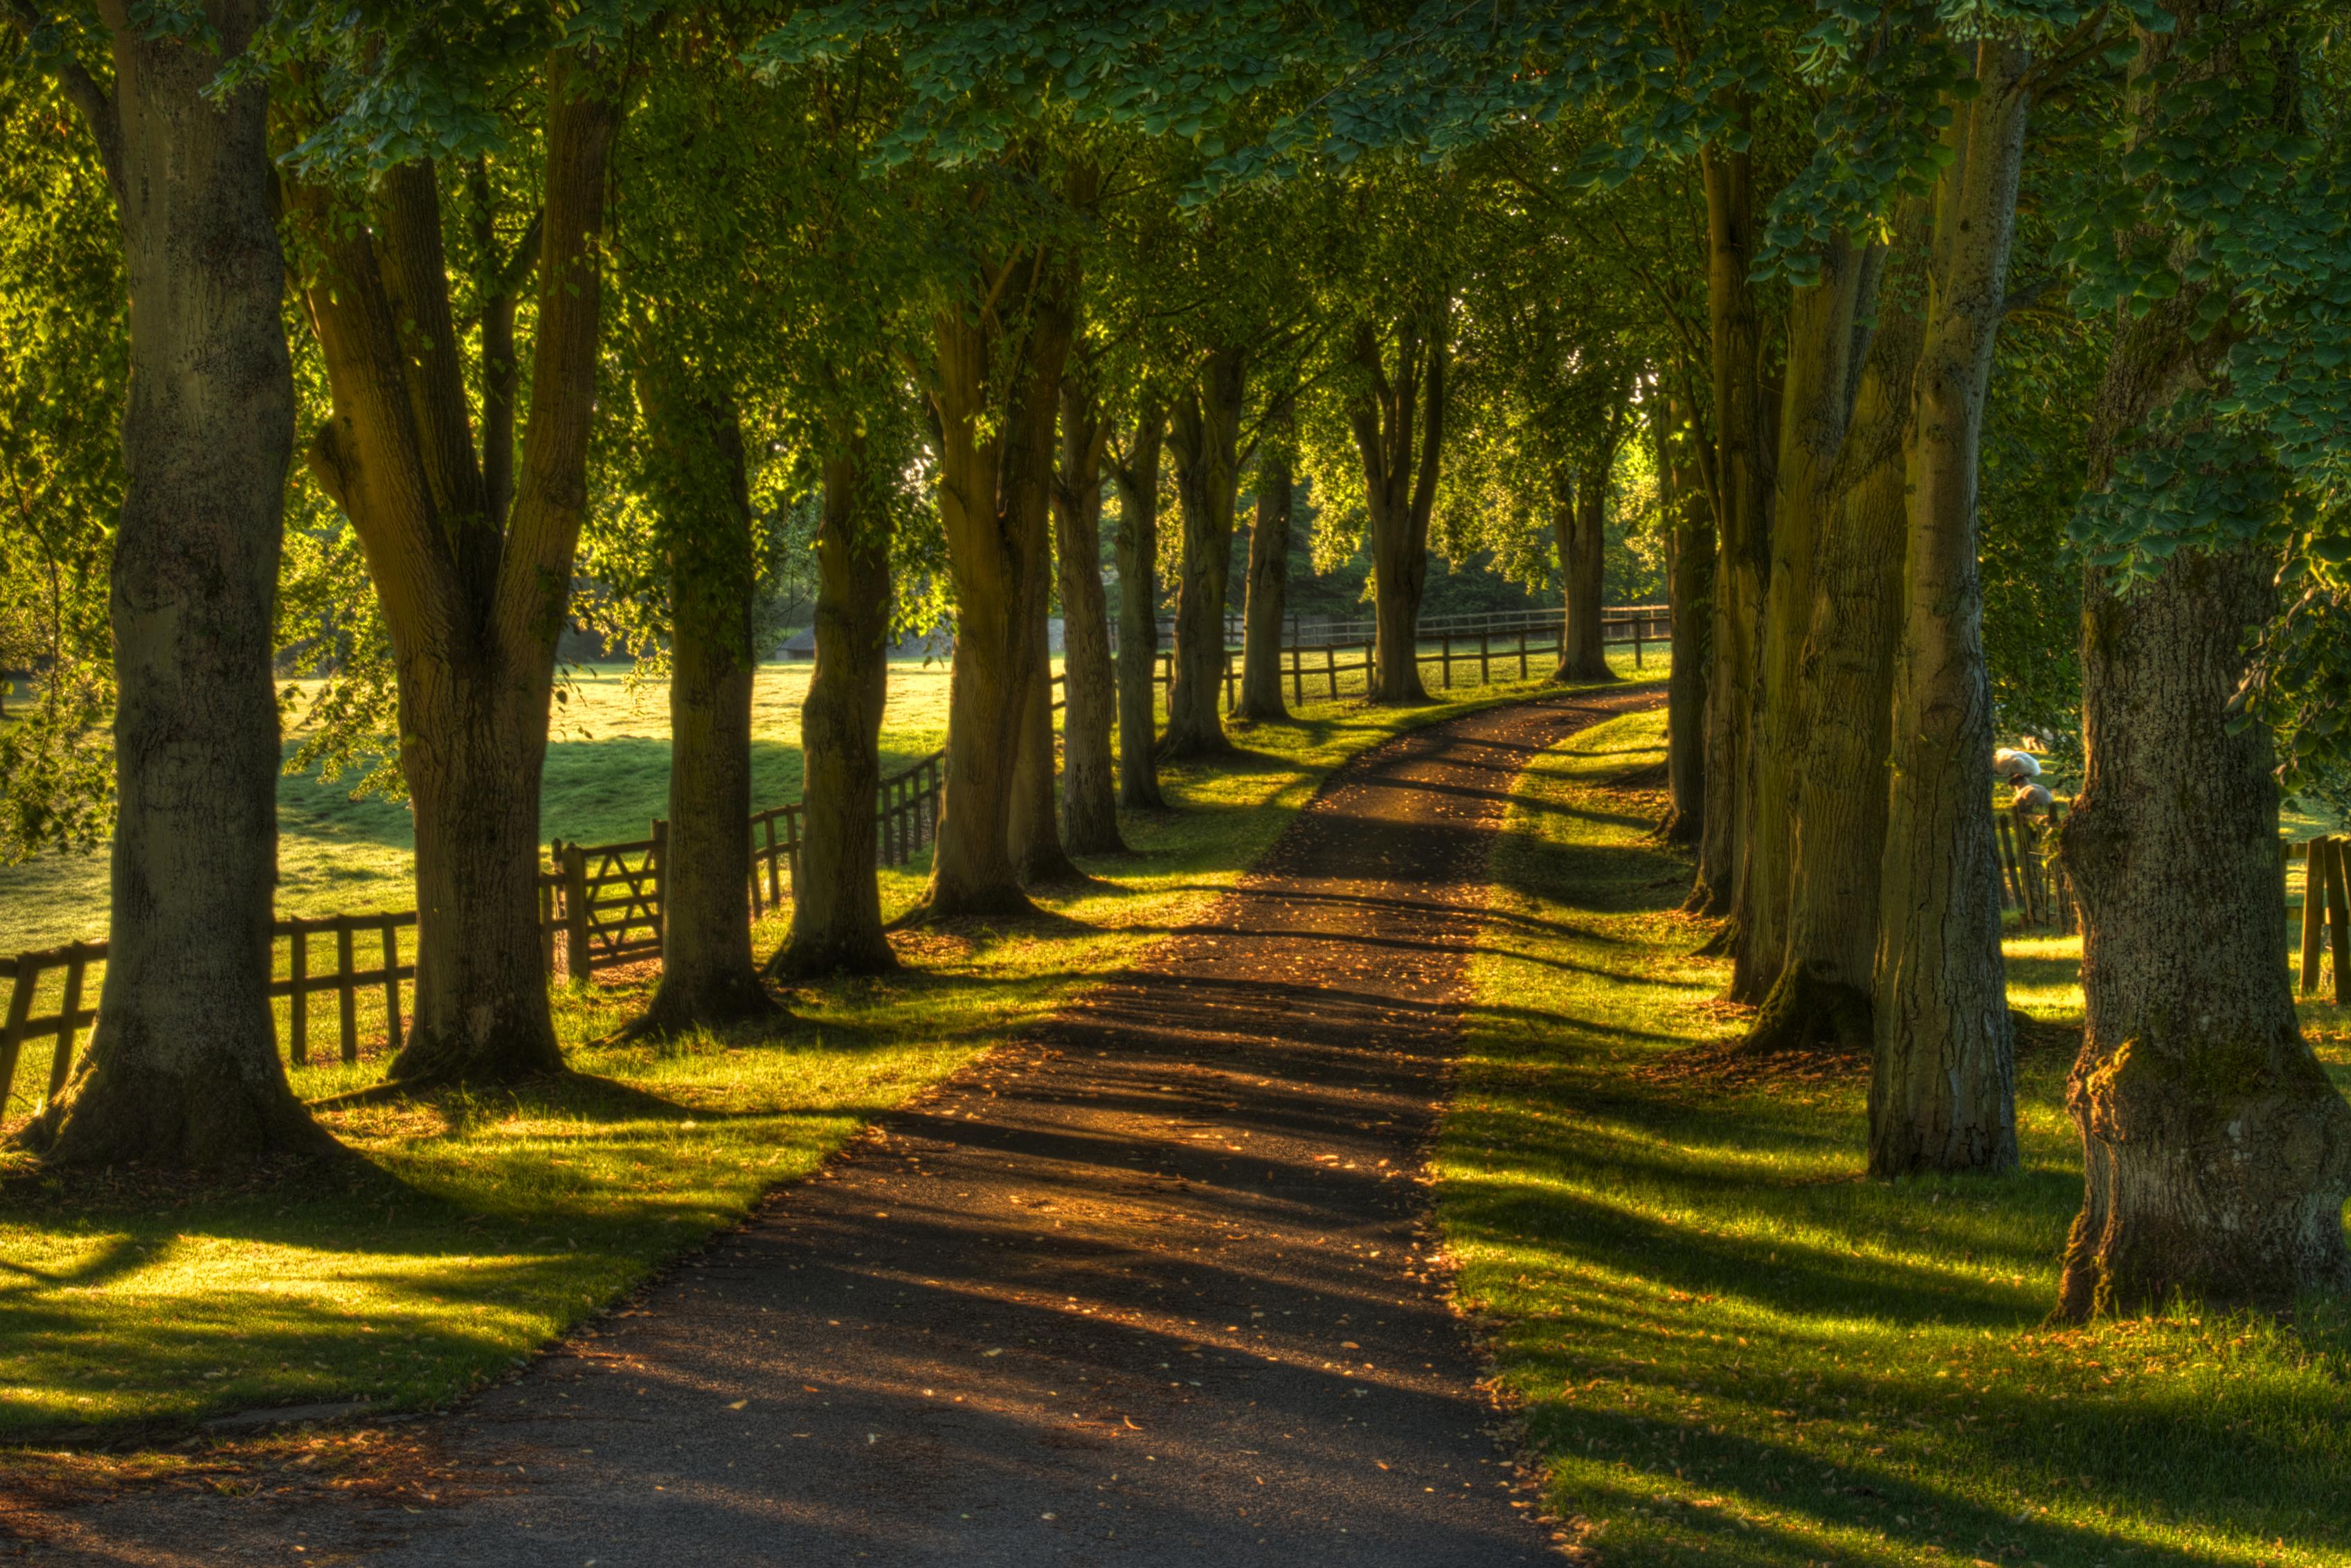 Oxfordshire Driveway, UK